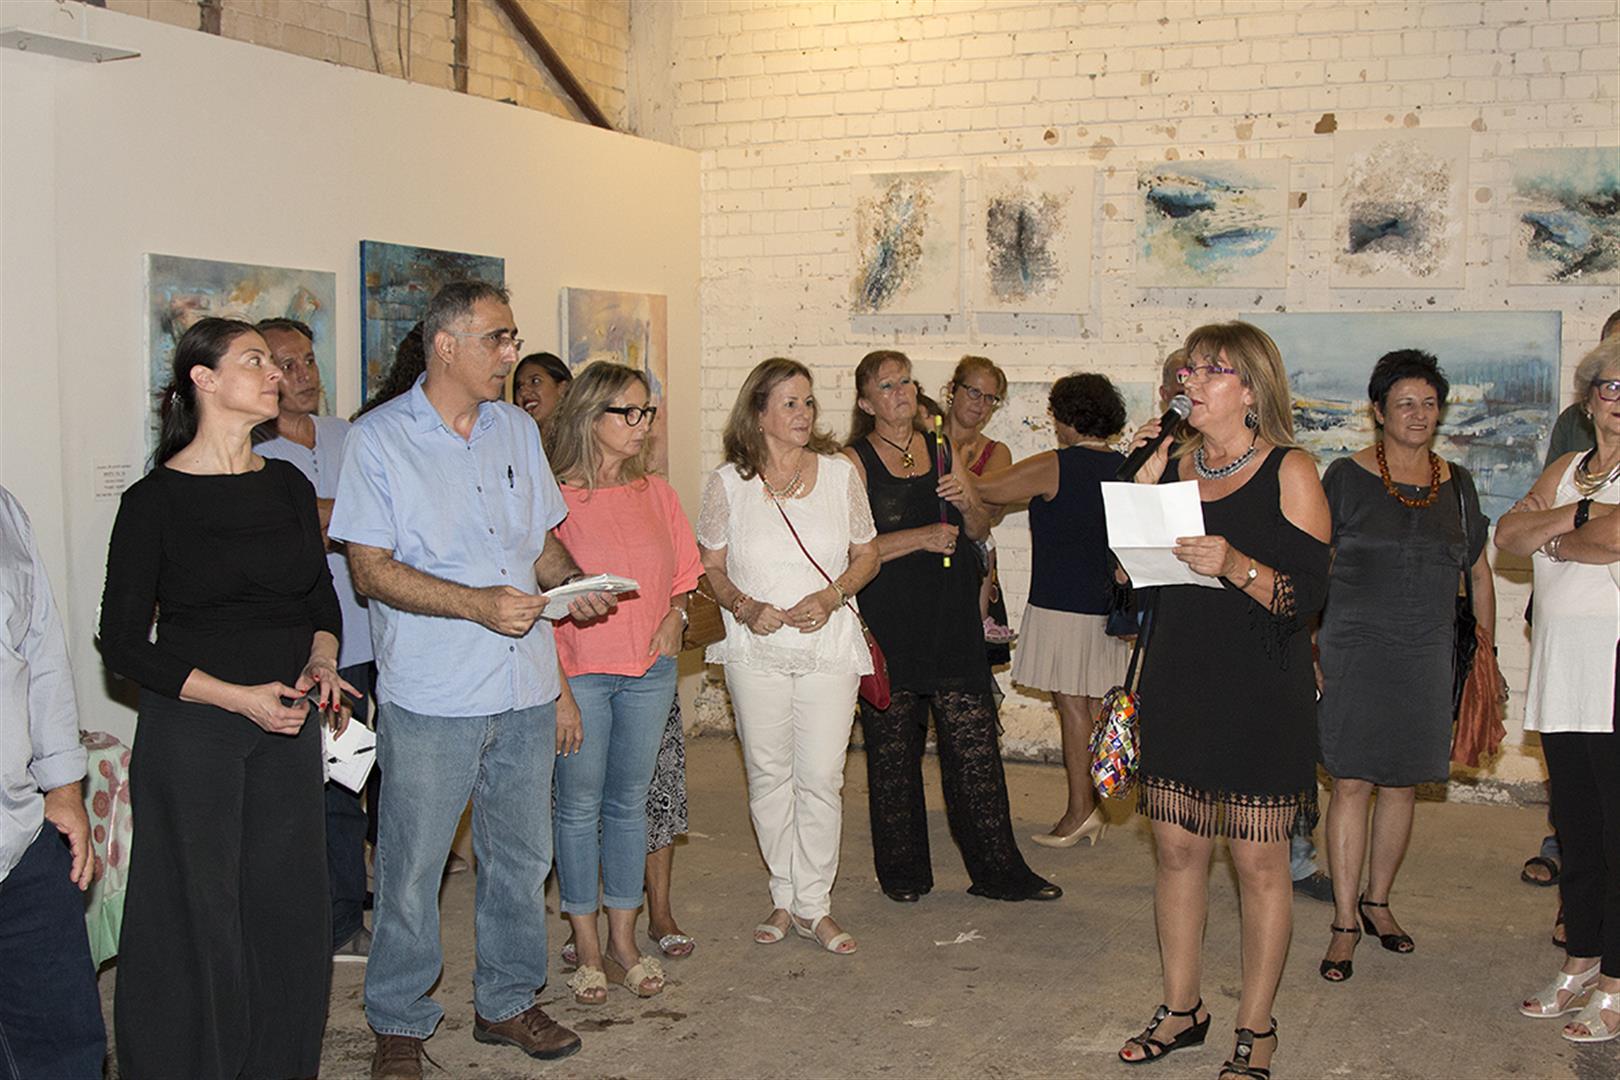 הקראת דברי פתיחה בשם האמנים באירוע הפתיחה של התערוכה